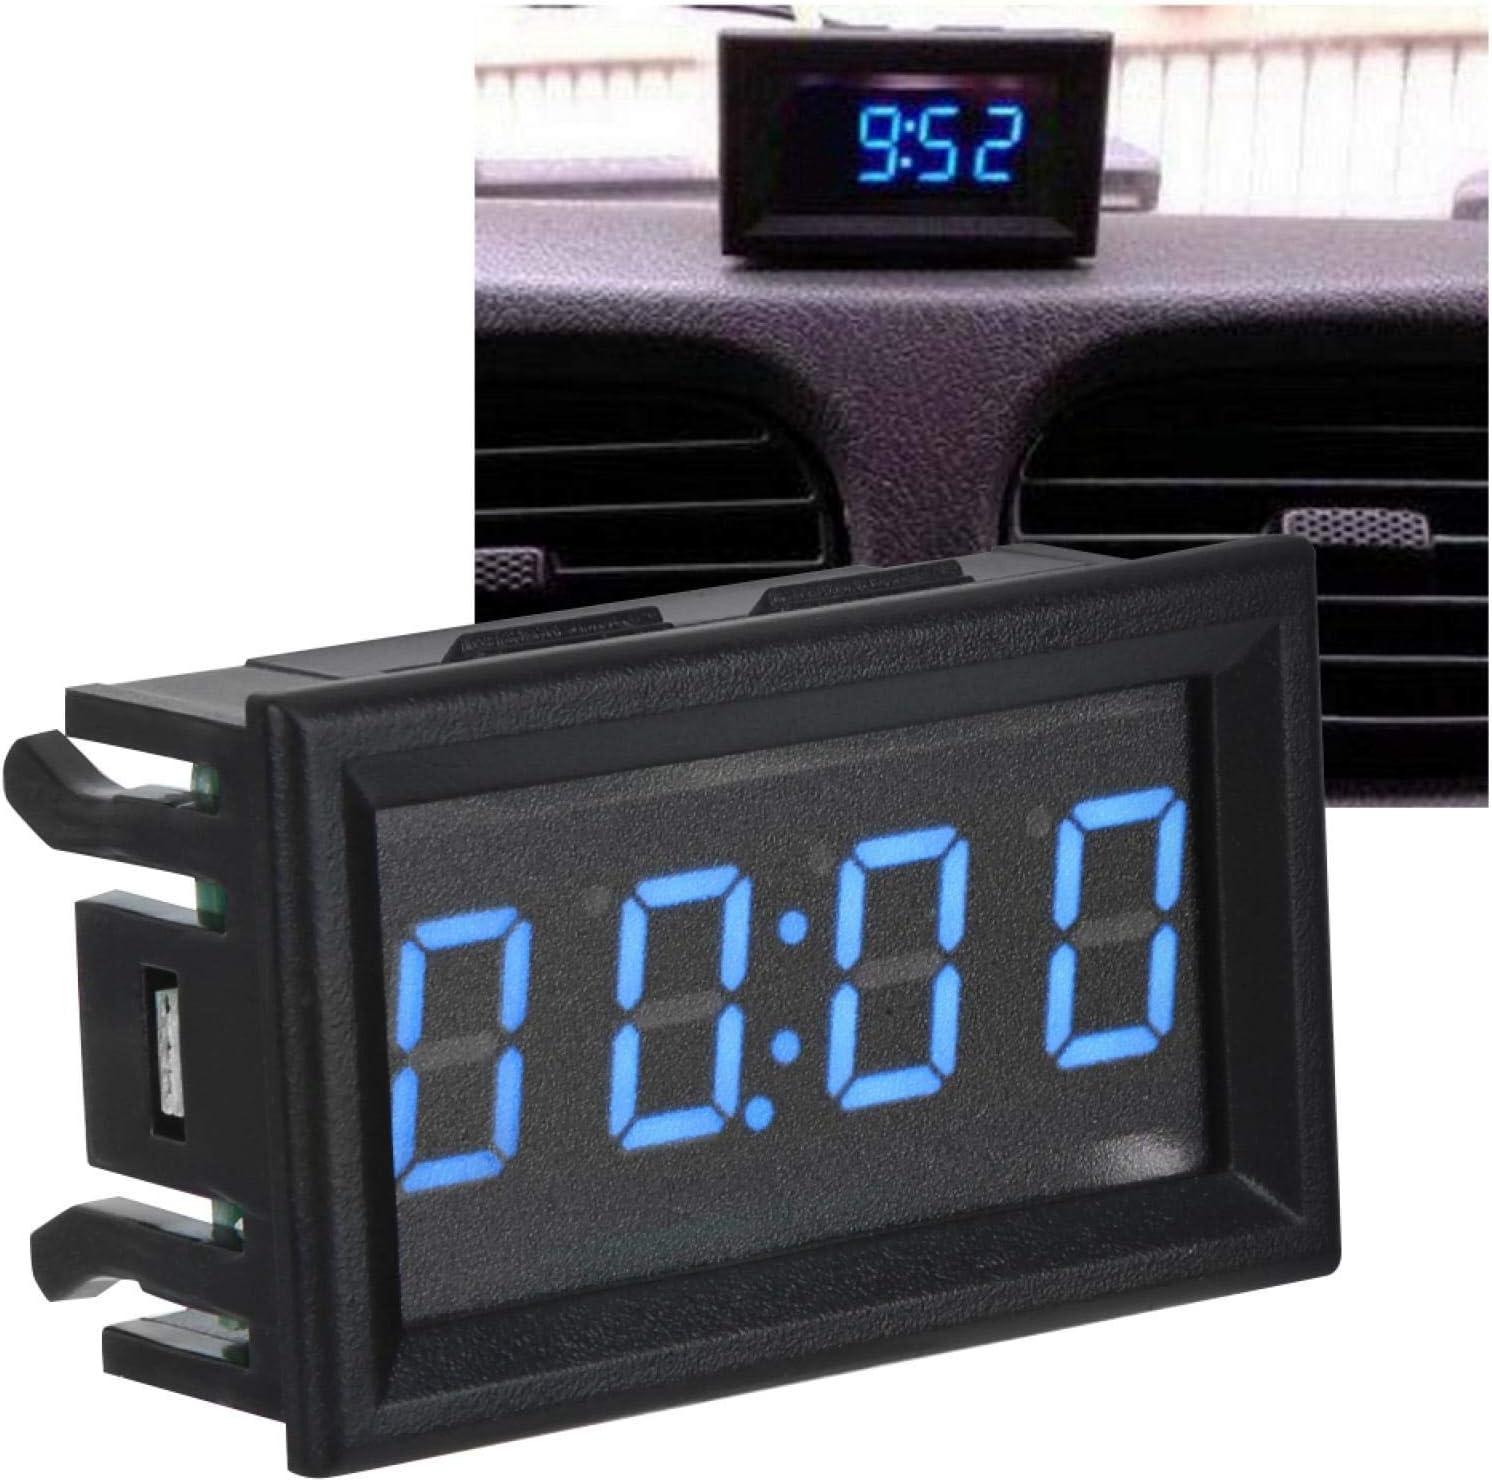 Blue Orologio per Auto Digitale aeroplani YB27T Resistenti allUsura per Barche di Automobili Ong Orologio per Auto a LED Durevole in ABS